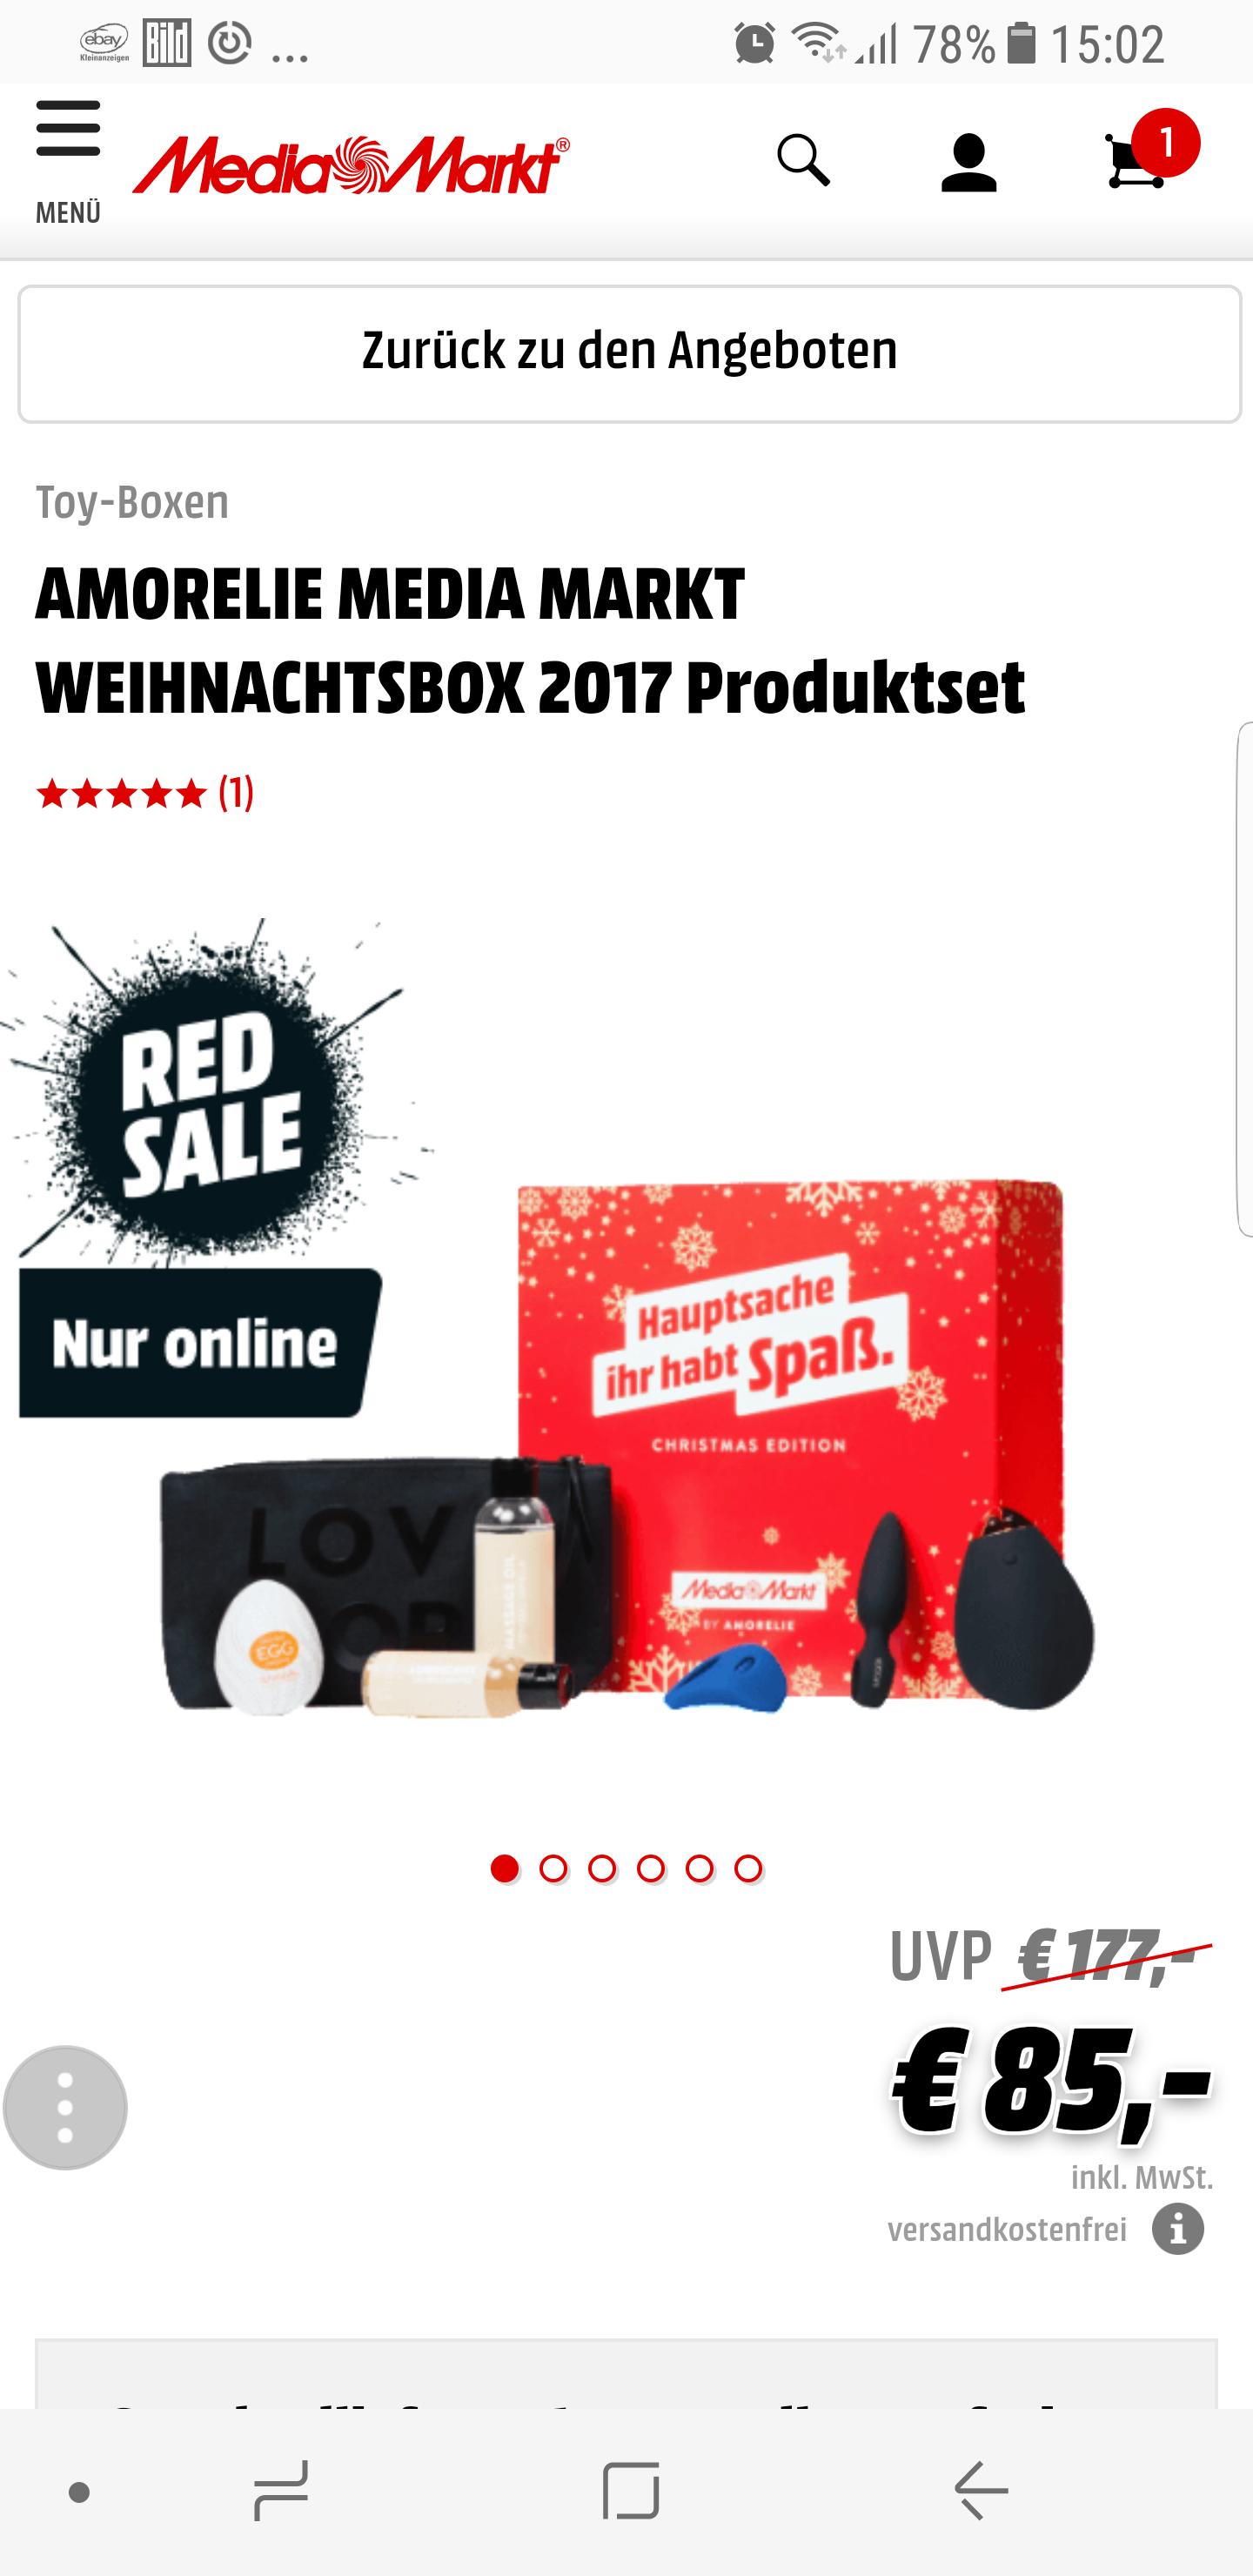 Amorelie Weihnachtsbox 2017 gtx Media Markt